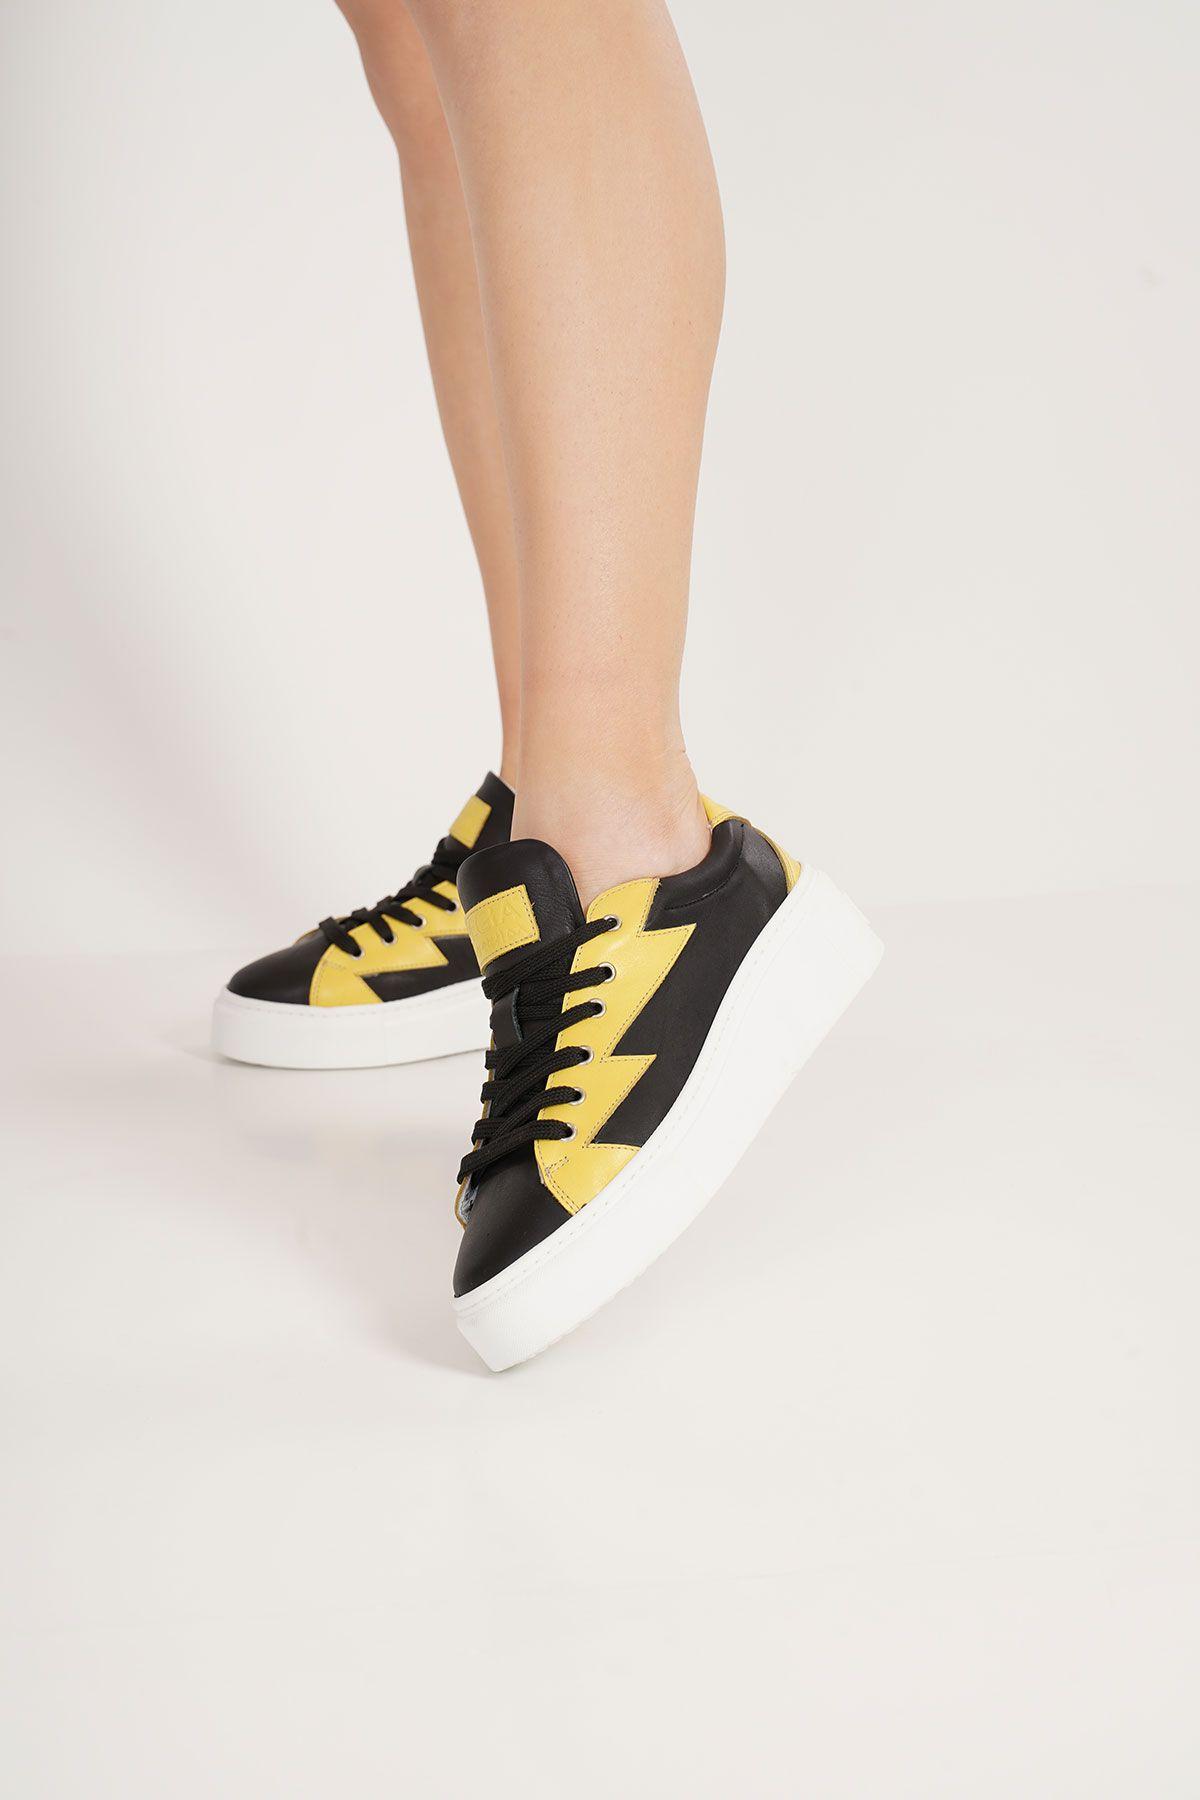 Pegia Genuine Leather Women's Sneaker LA1506 Black